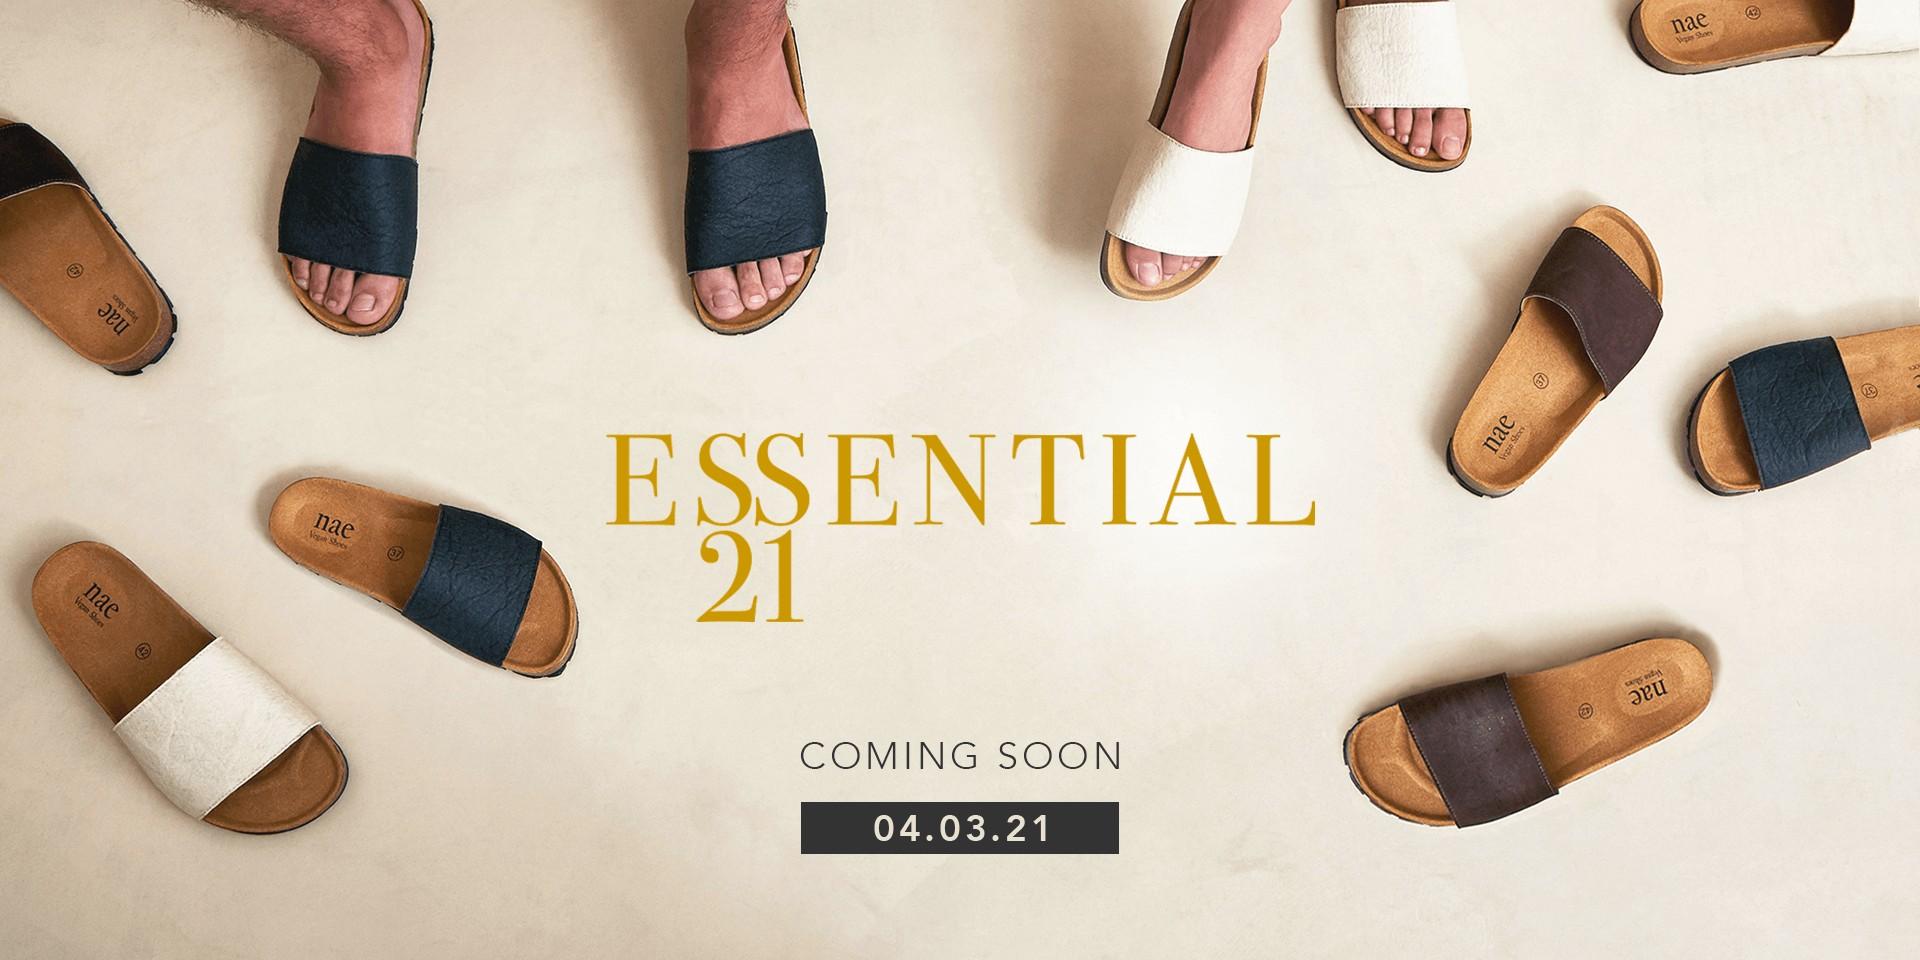 Zapatos veganos - Coming soon